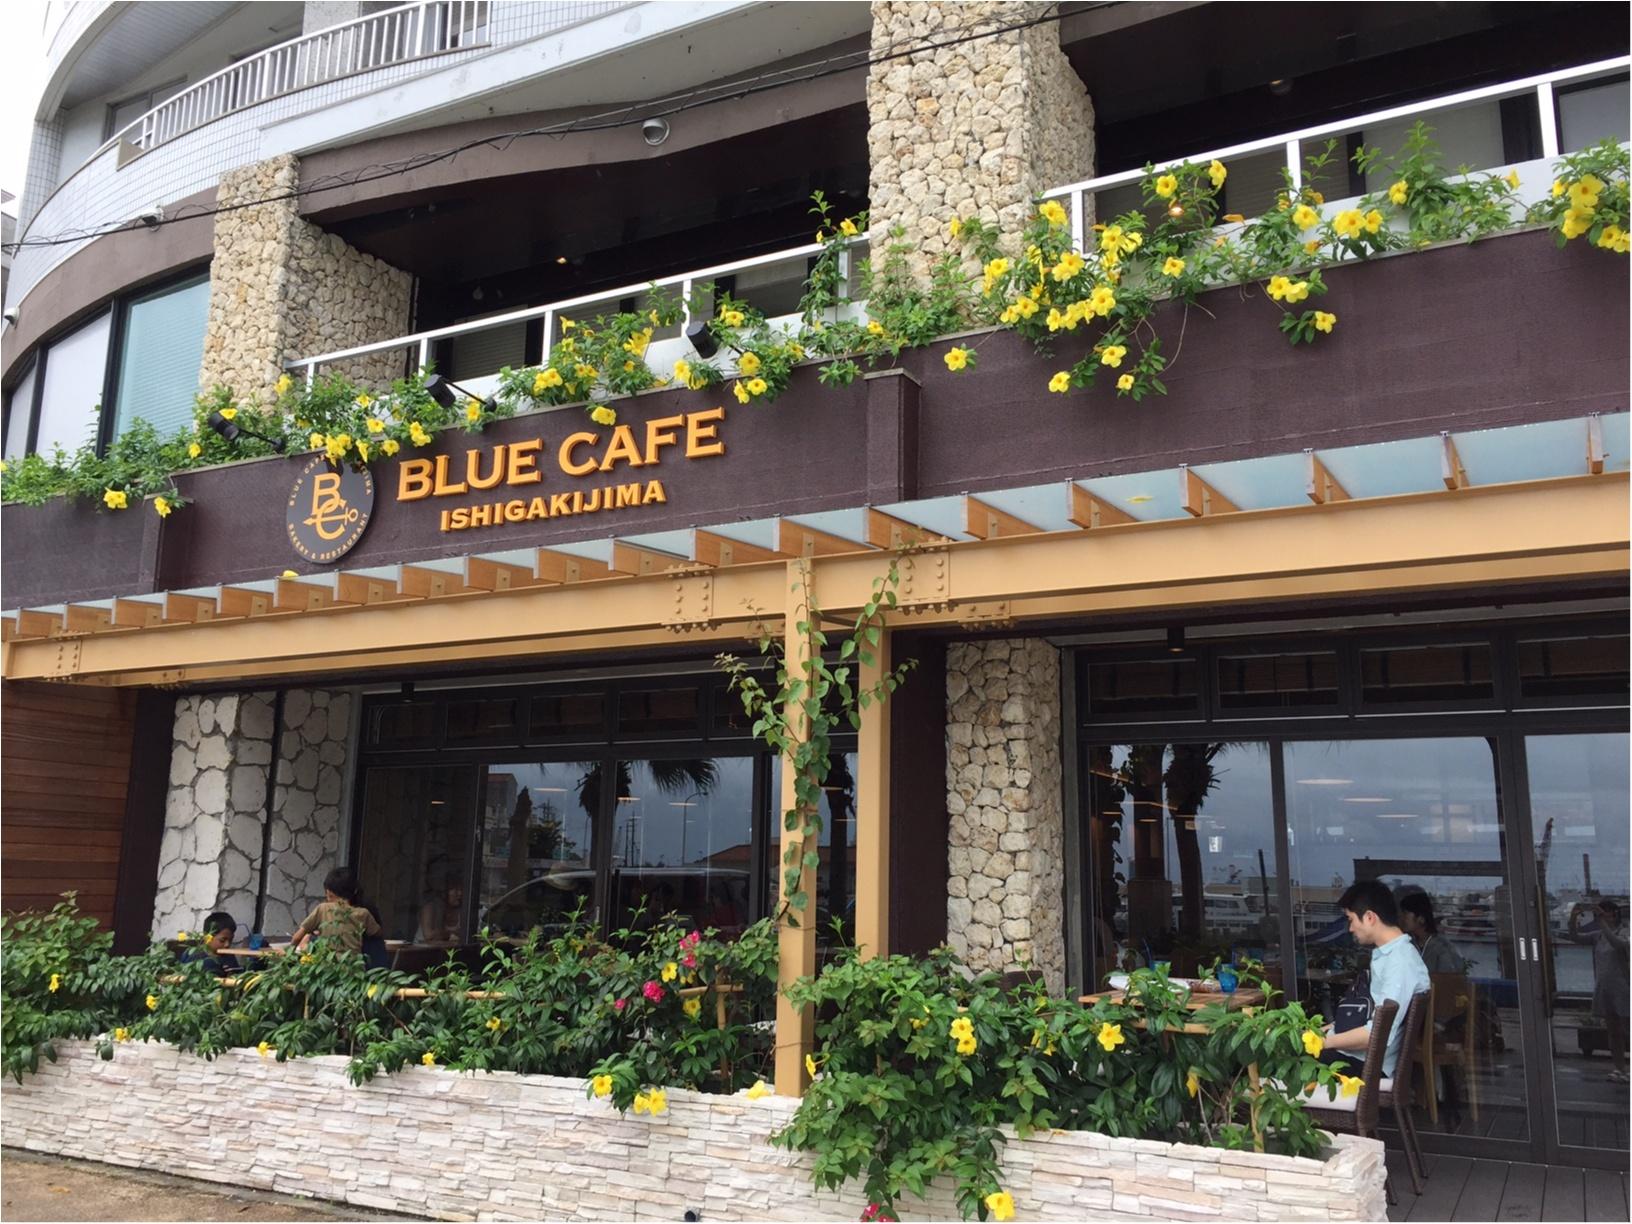 【沖縄離島の旅②】寄りたいお店がいっぱい♡石垣島のおすすめカフェ3選_6